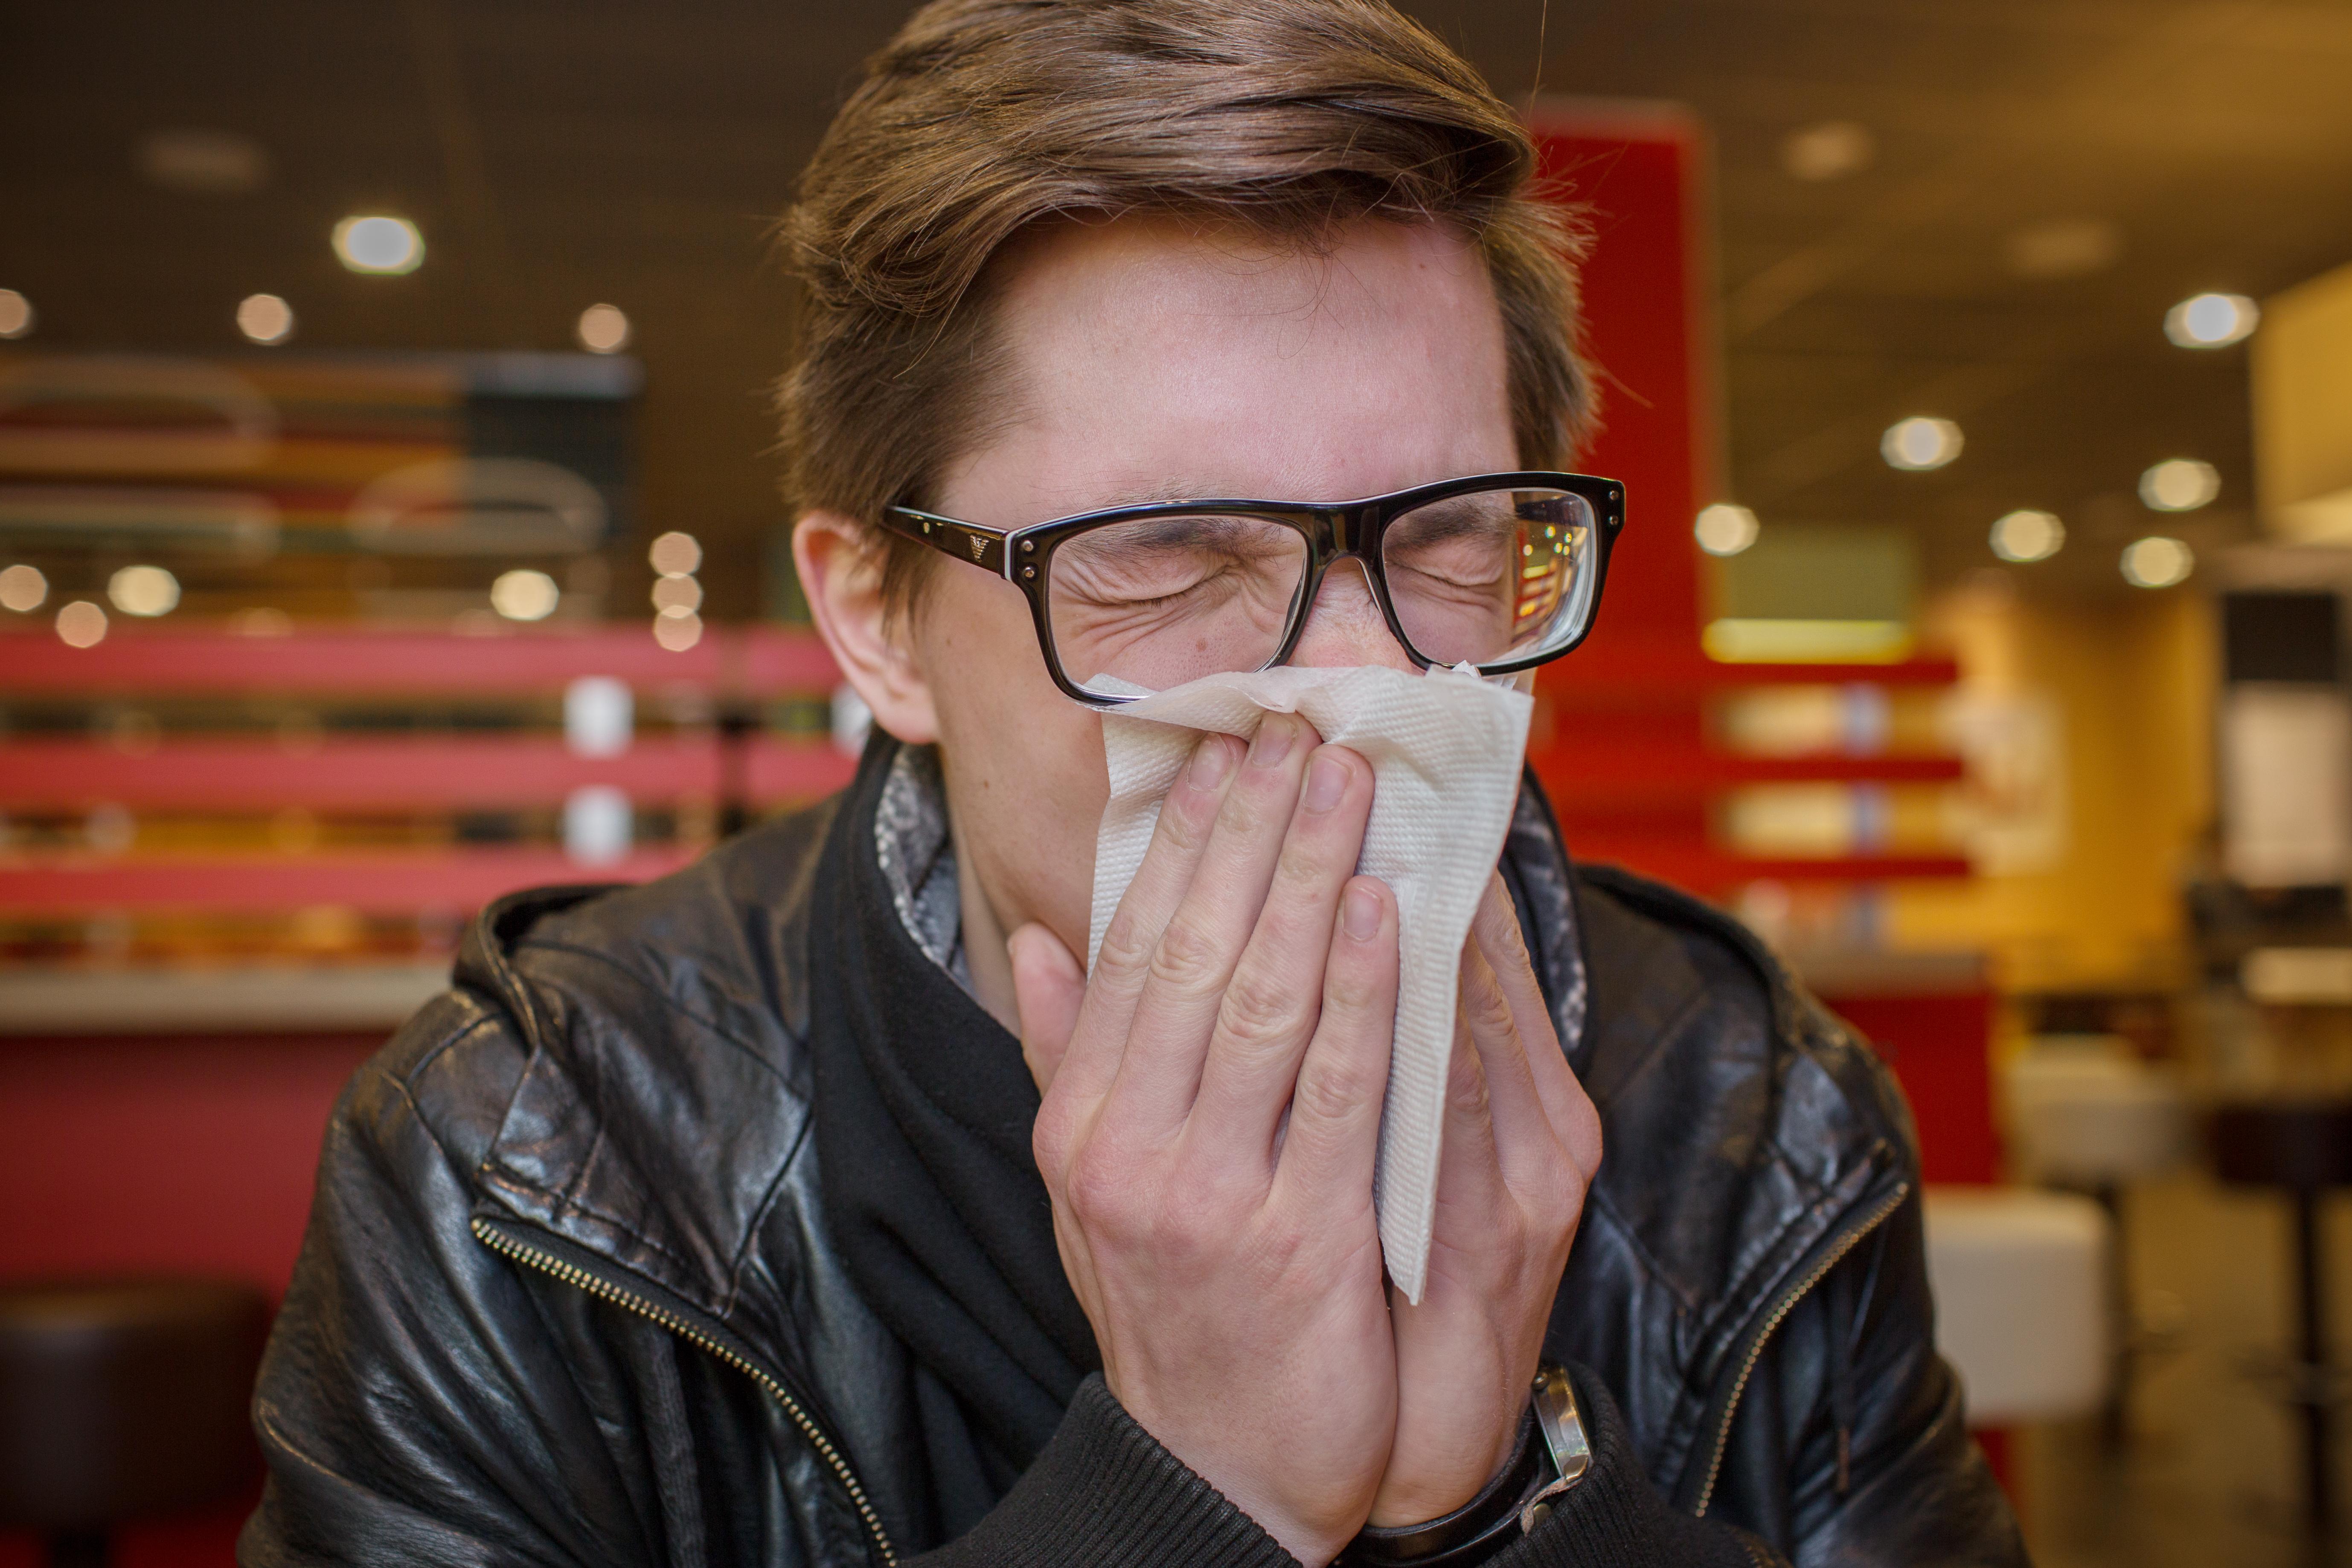 De nya reglerna innebär förhoppningsvis att Sverige blir bättre på att bemöta en eventuell influensapandemi.